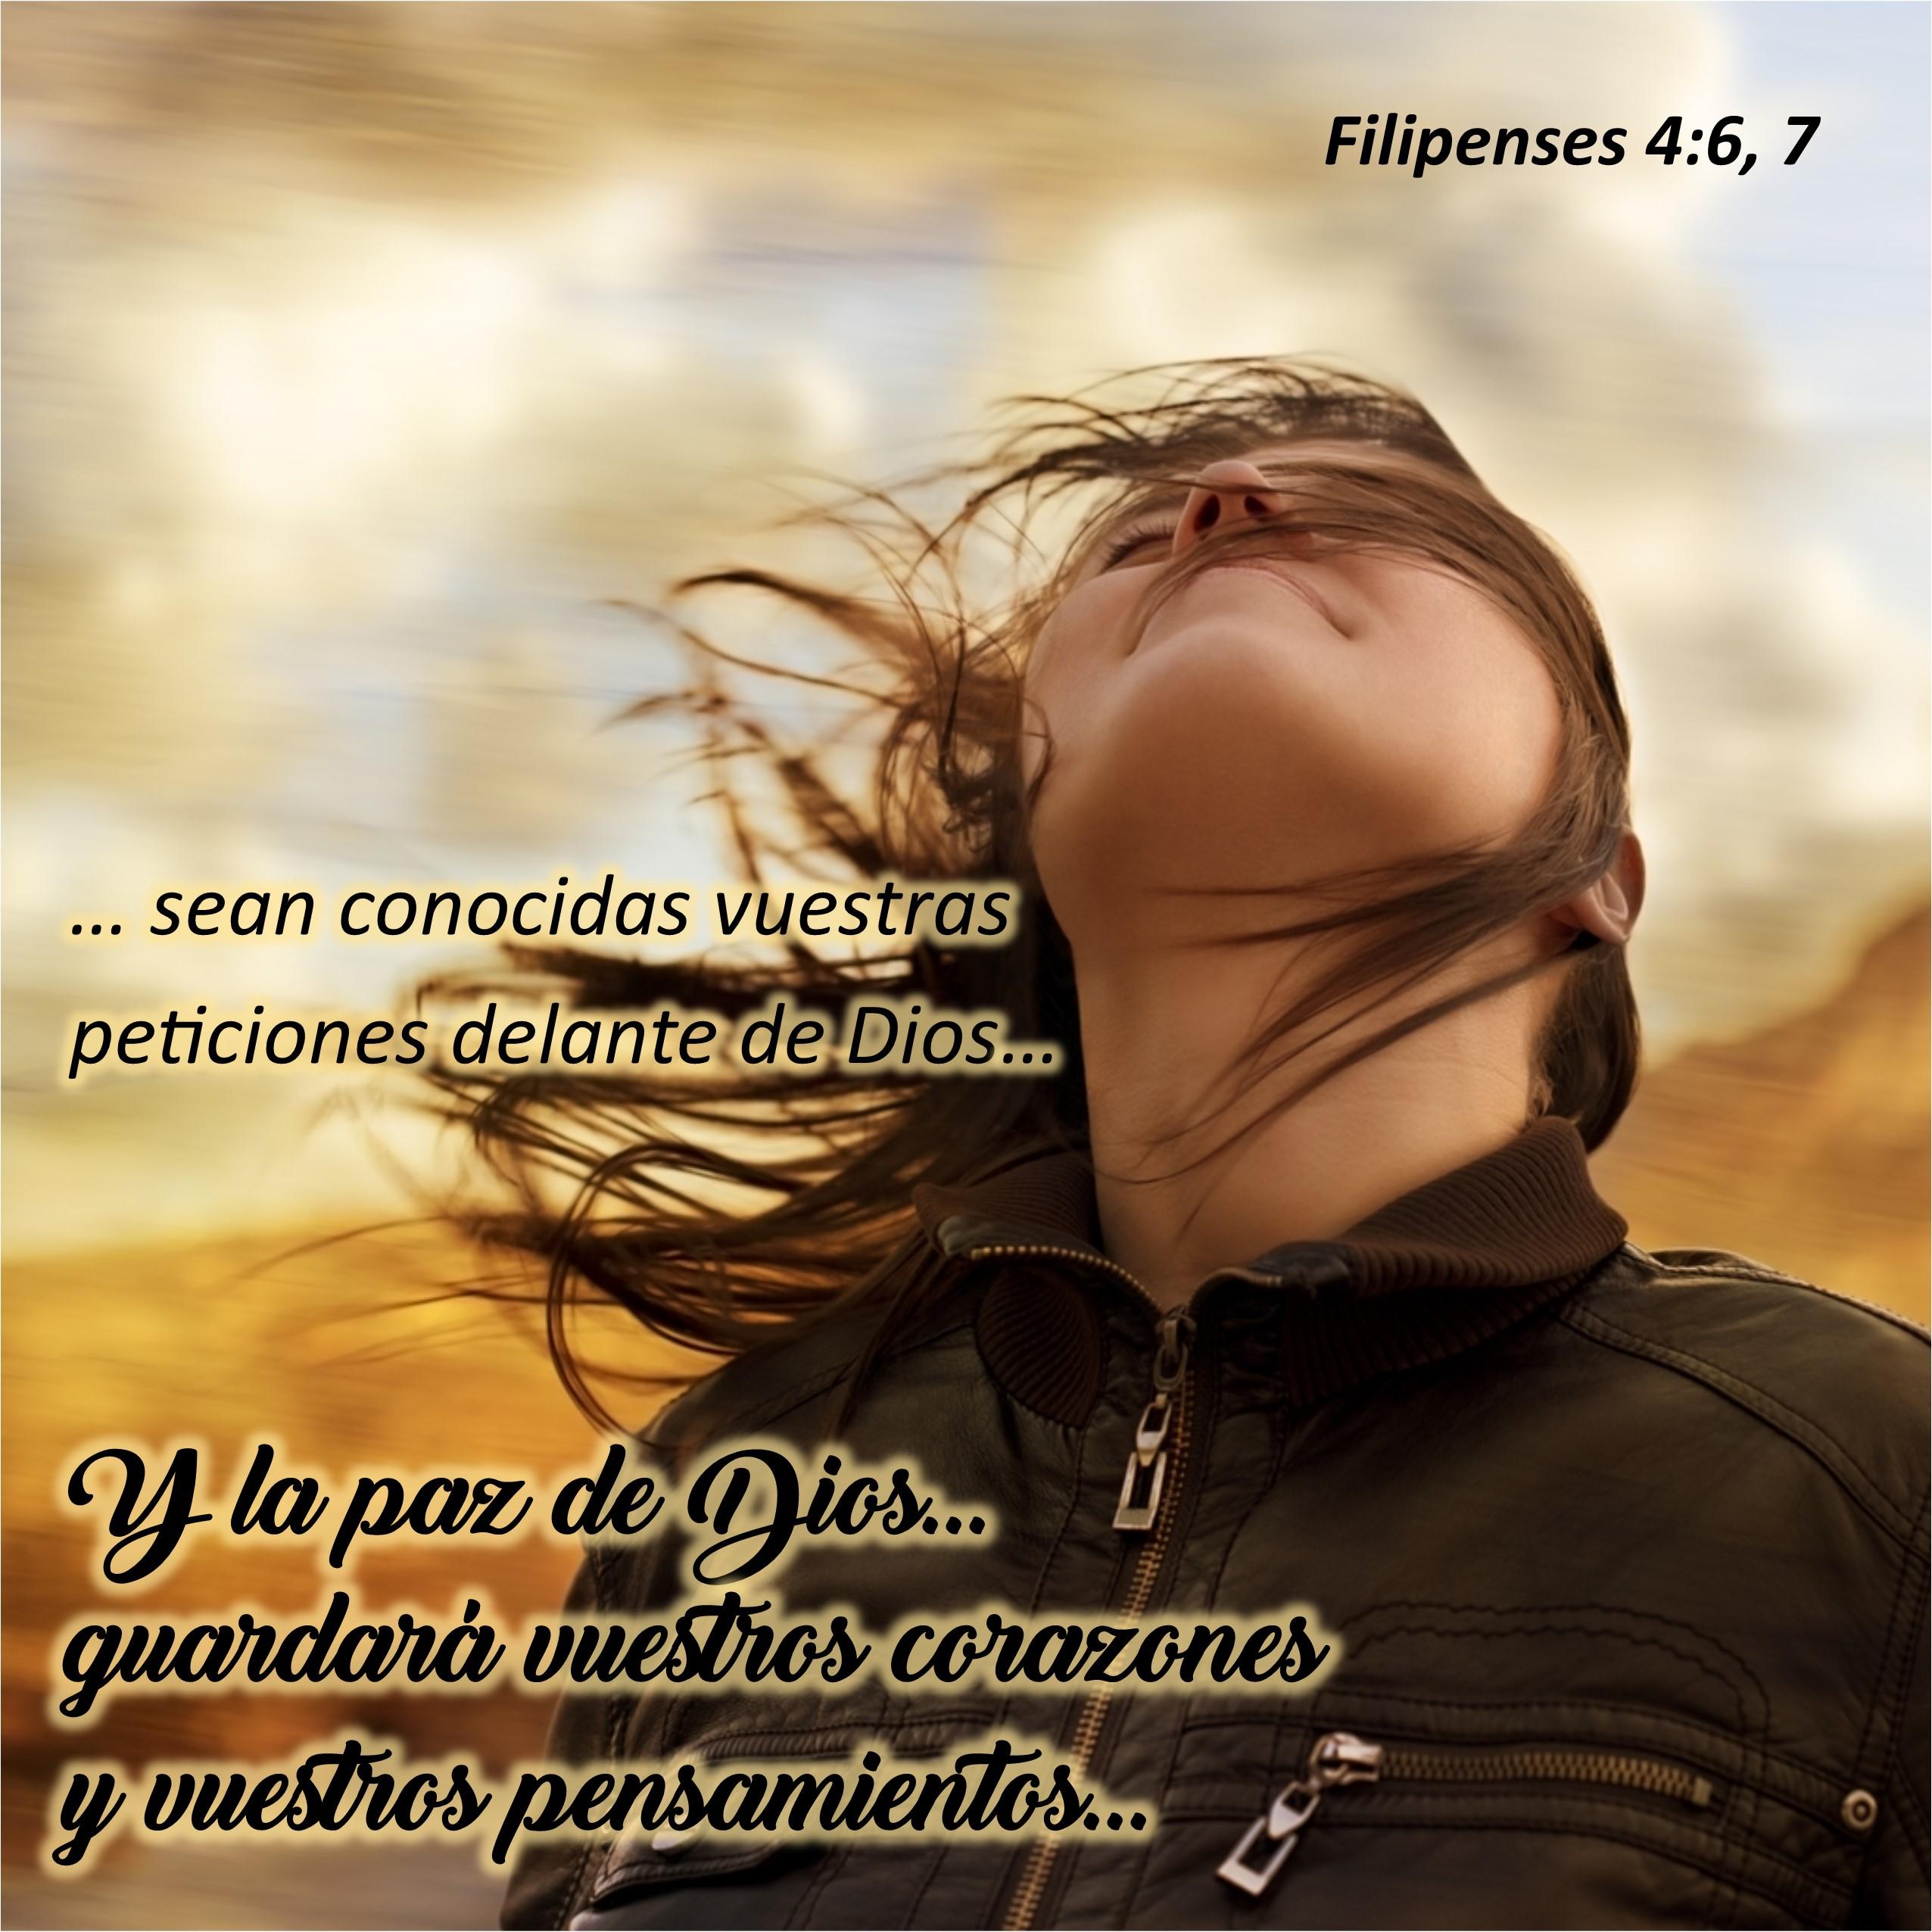 Filipenses 4.6, 7 Anexo